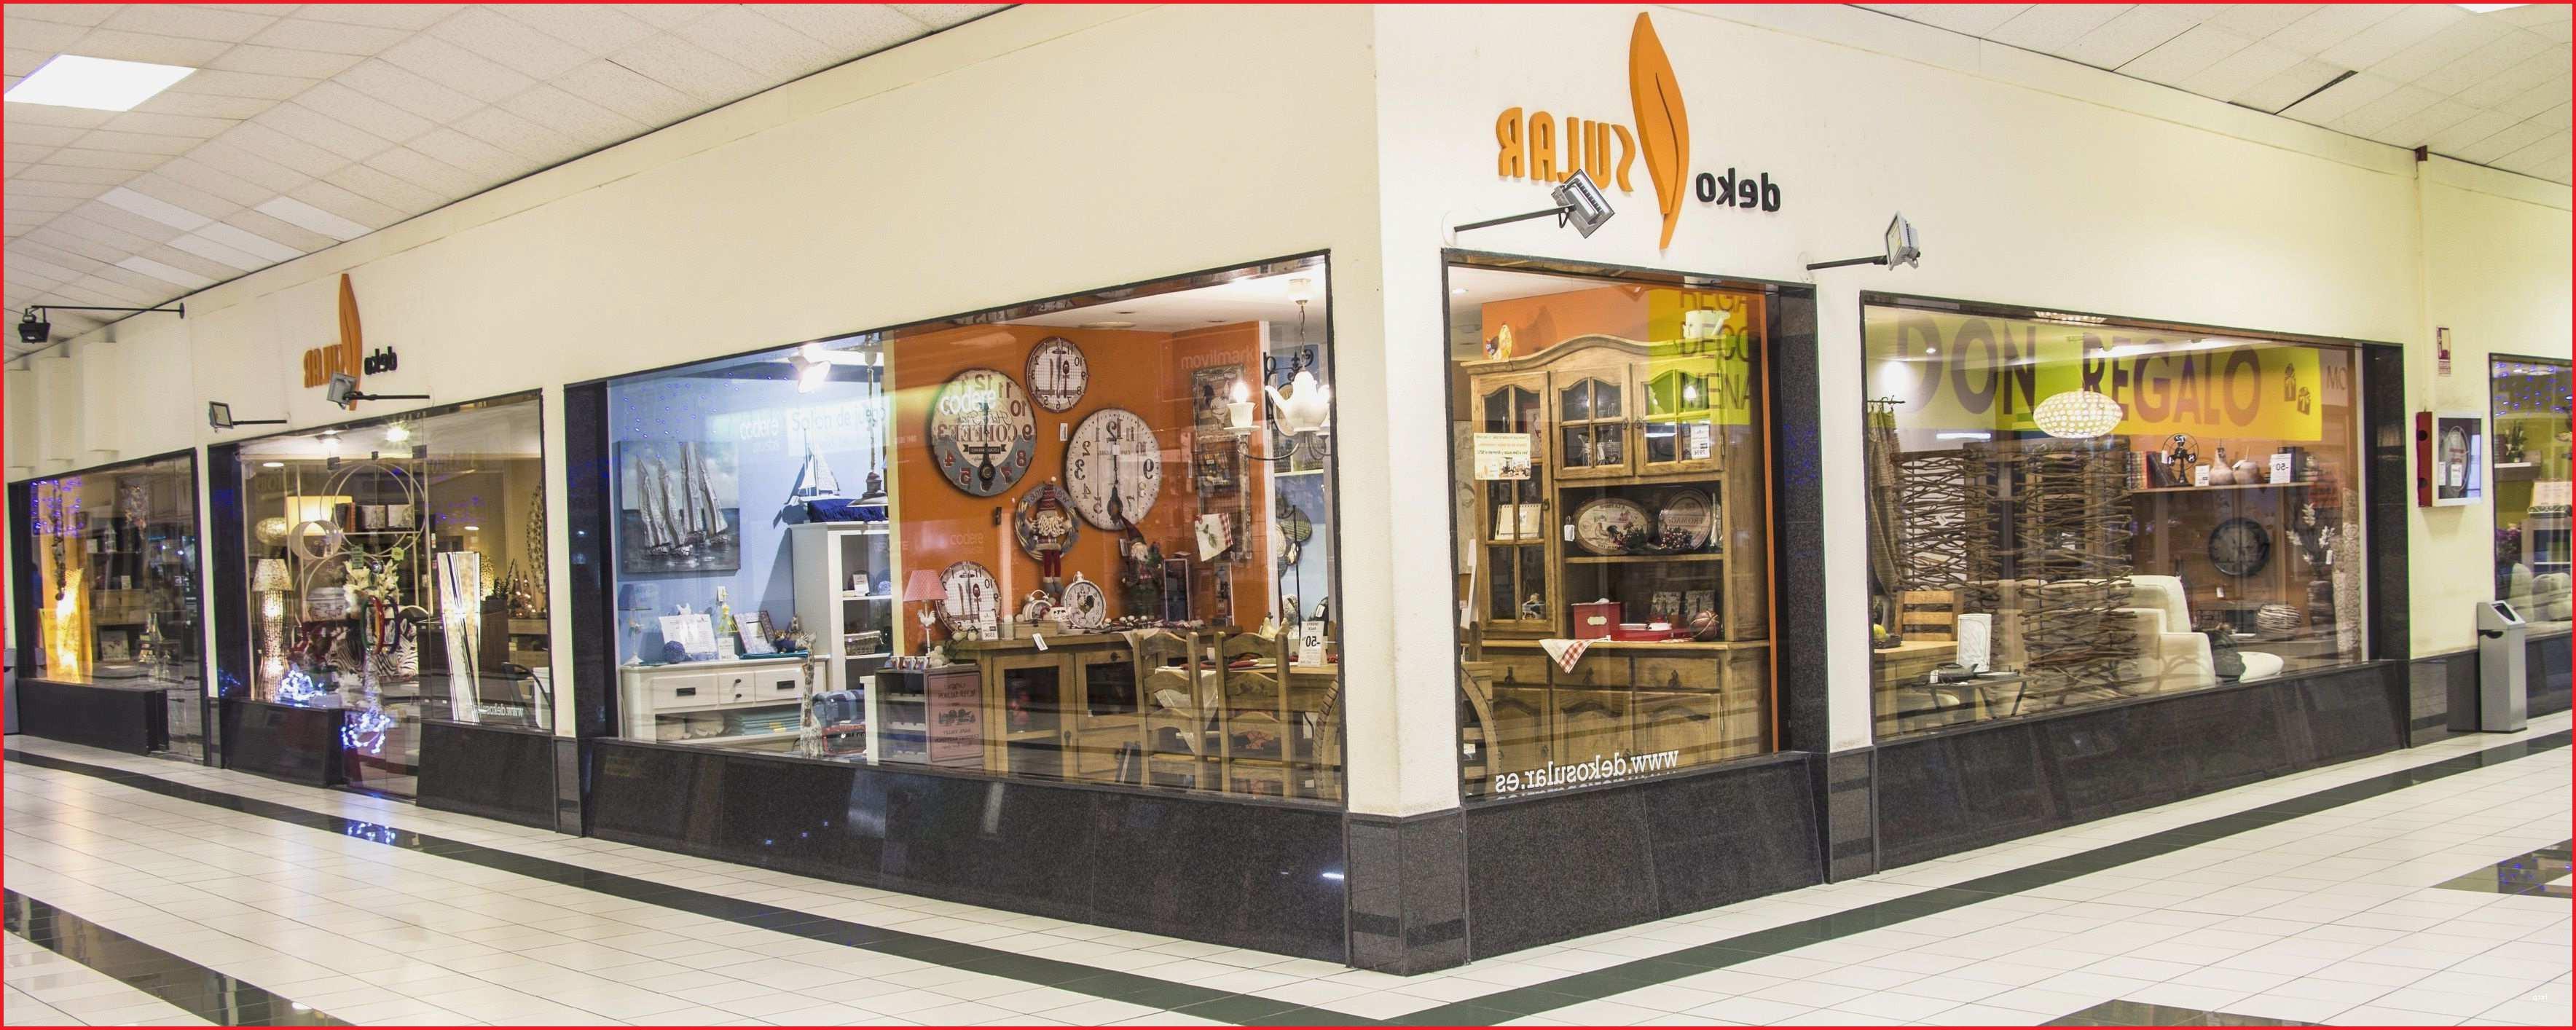 Tiendas De Muebles En Palencia T8dj Tiendas De Muebles En Palencia Nuevo Tiendas De Muebles En